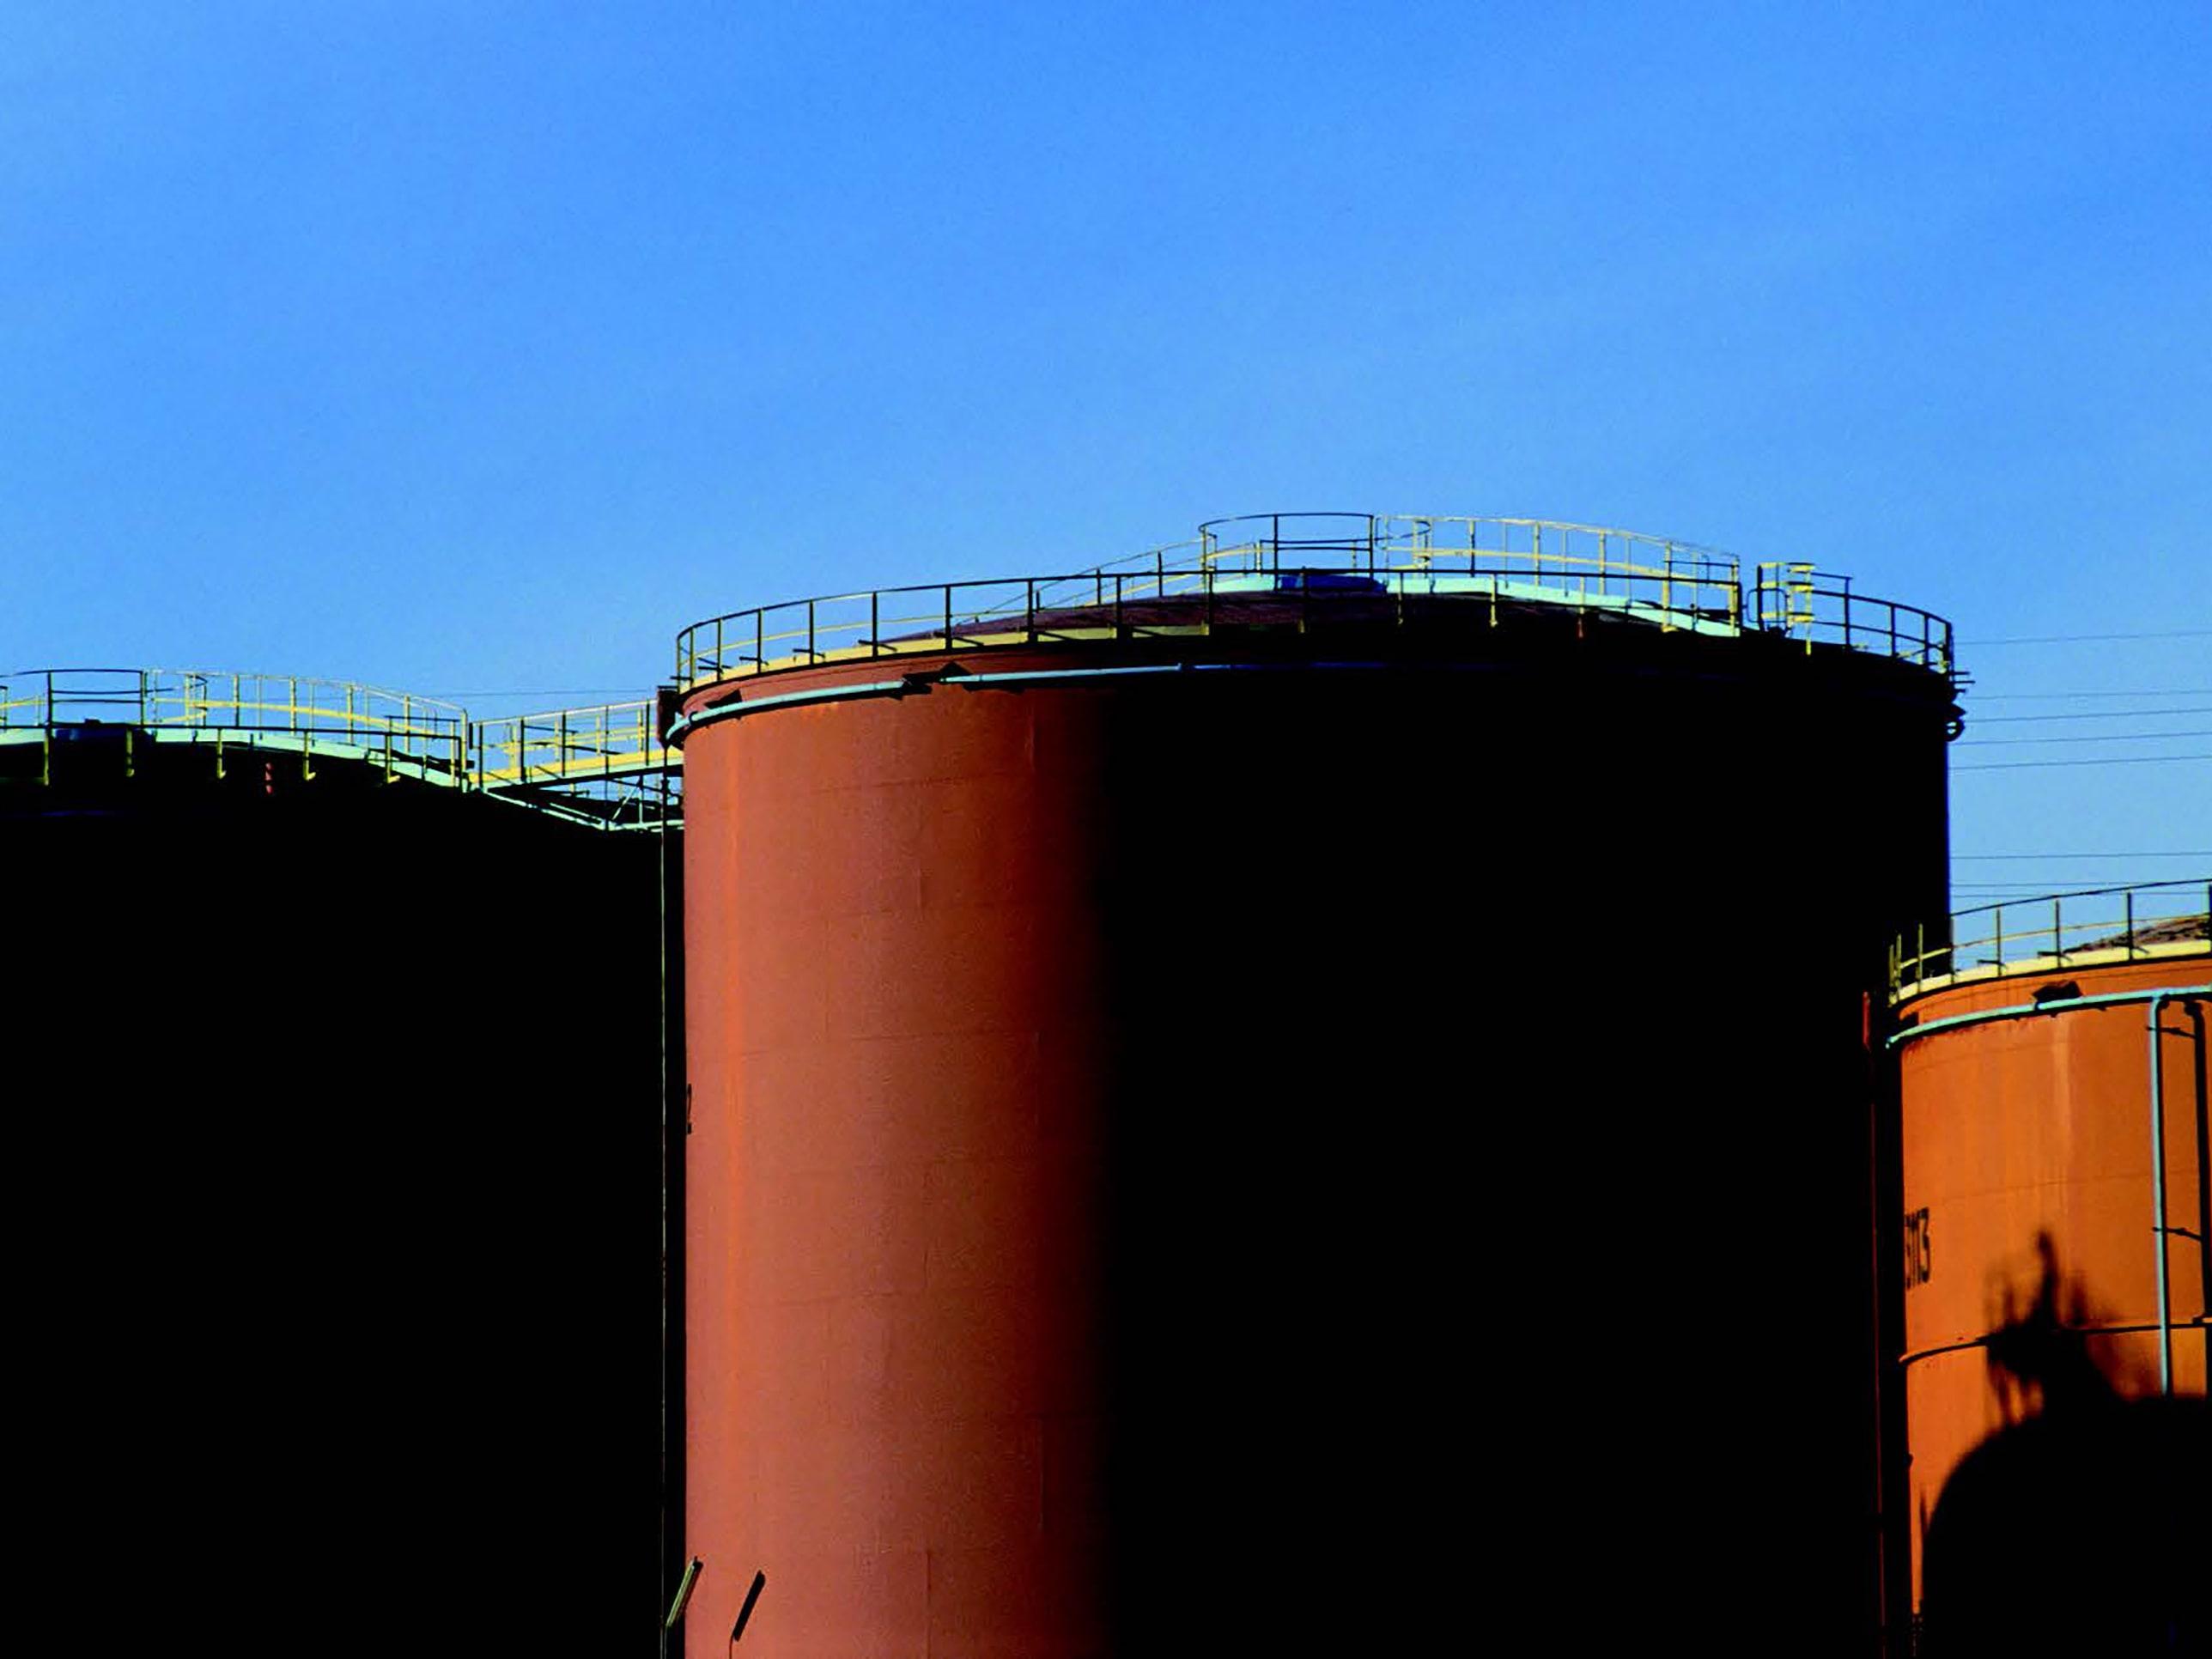 Masse-Durchflussmessung von Öl-Produkten beim Be- und Entladen von Tankwagen und Schiffen